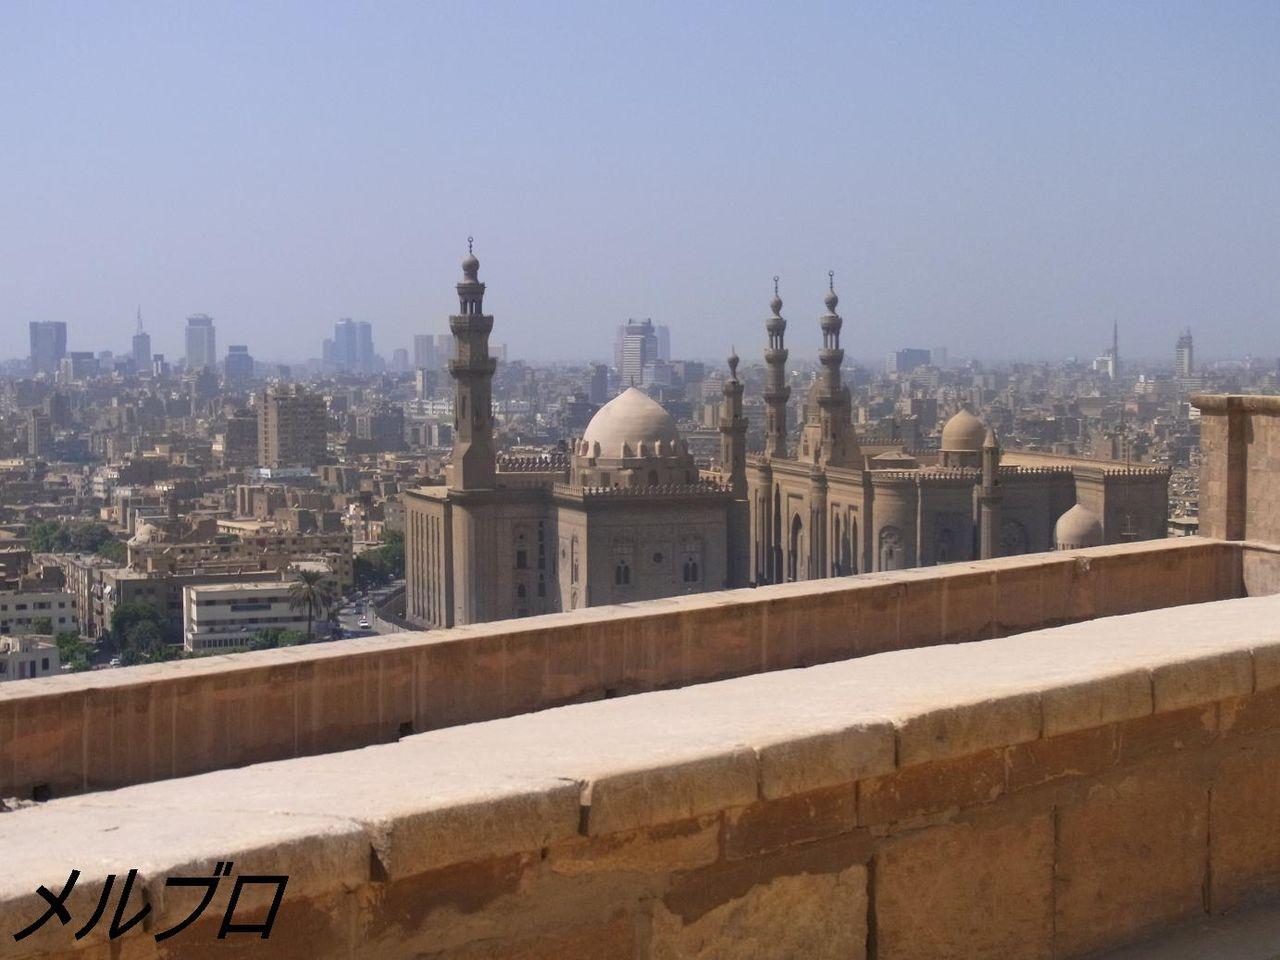 モスクからの眺め2